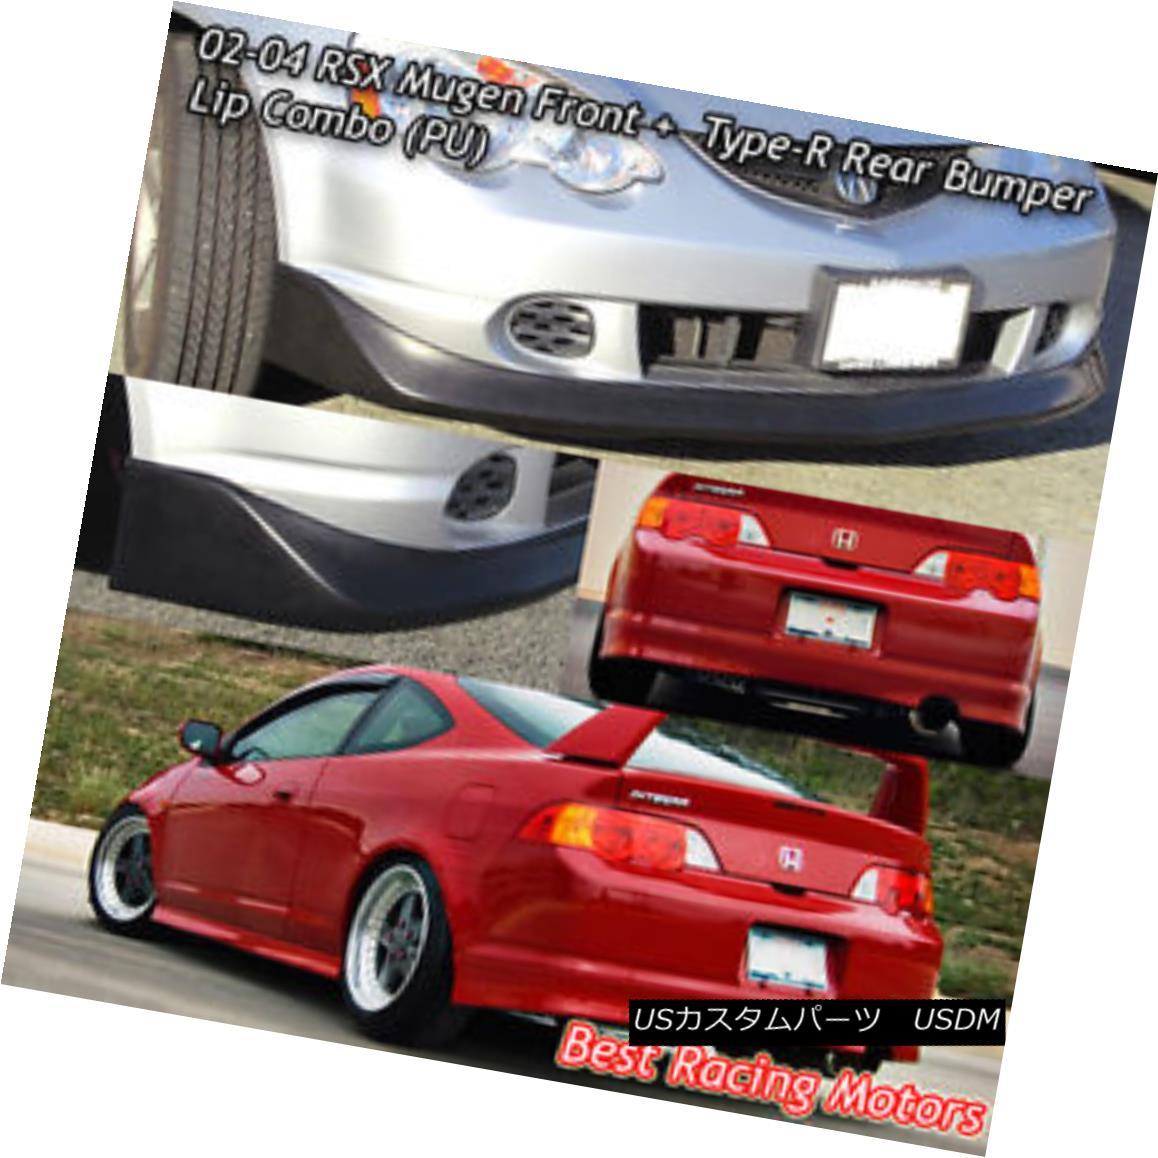 エアロパーツ Mu-gen Style Front + TR Style Rear Bumper Lip (Urethane) Fit 02-04 Acura RSX 2dr Mu-genスタイルフロント+ TRスタイルリアバンパーリップ(ウレタン)フィット02-04アキュラRSX 2dr